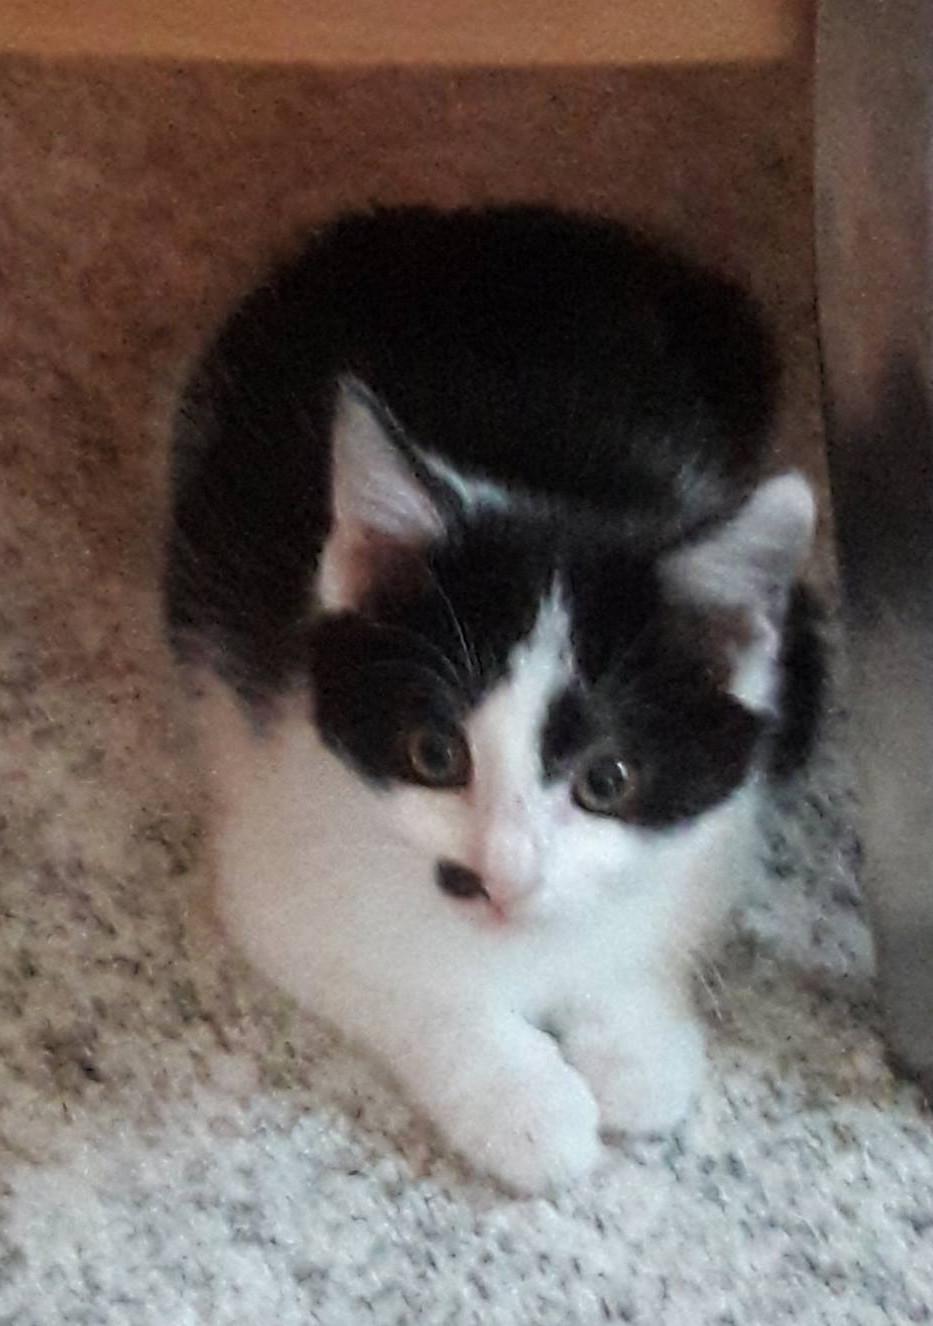 weiß-schwarzes Kitten liegt auf einer Decke